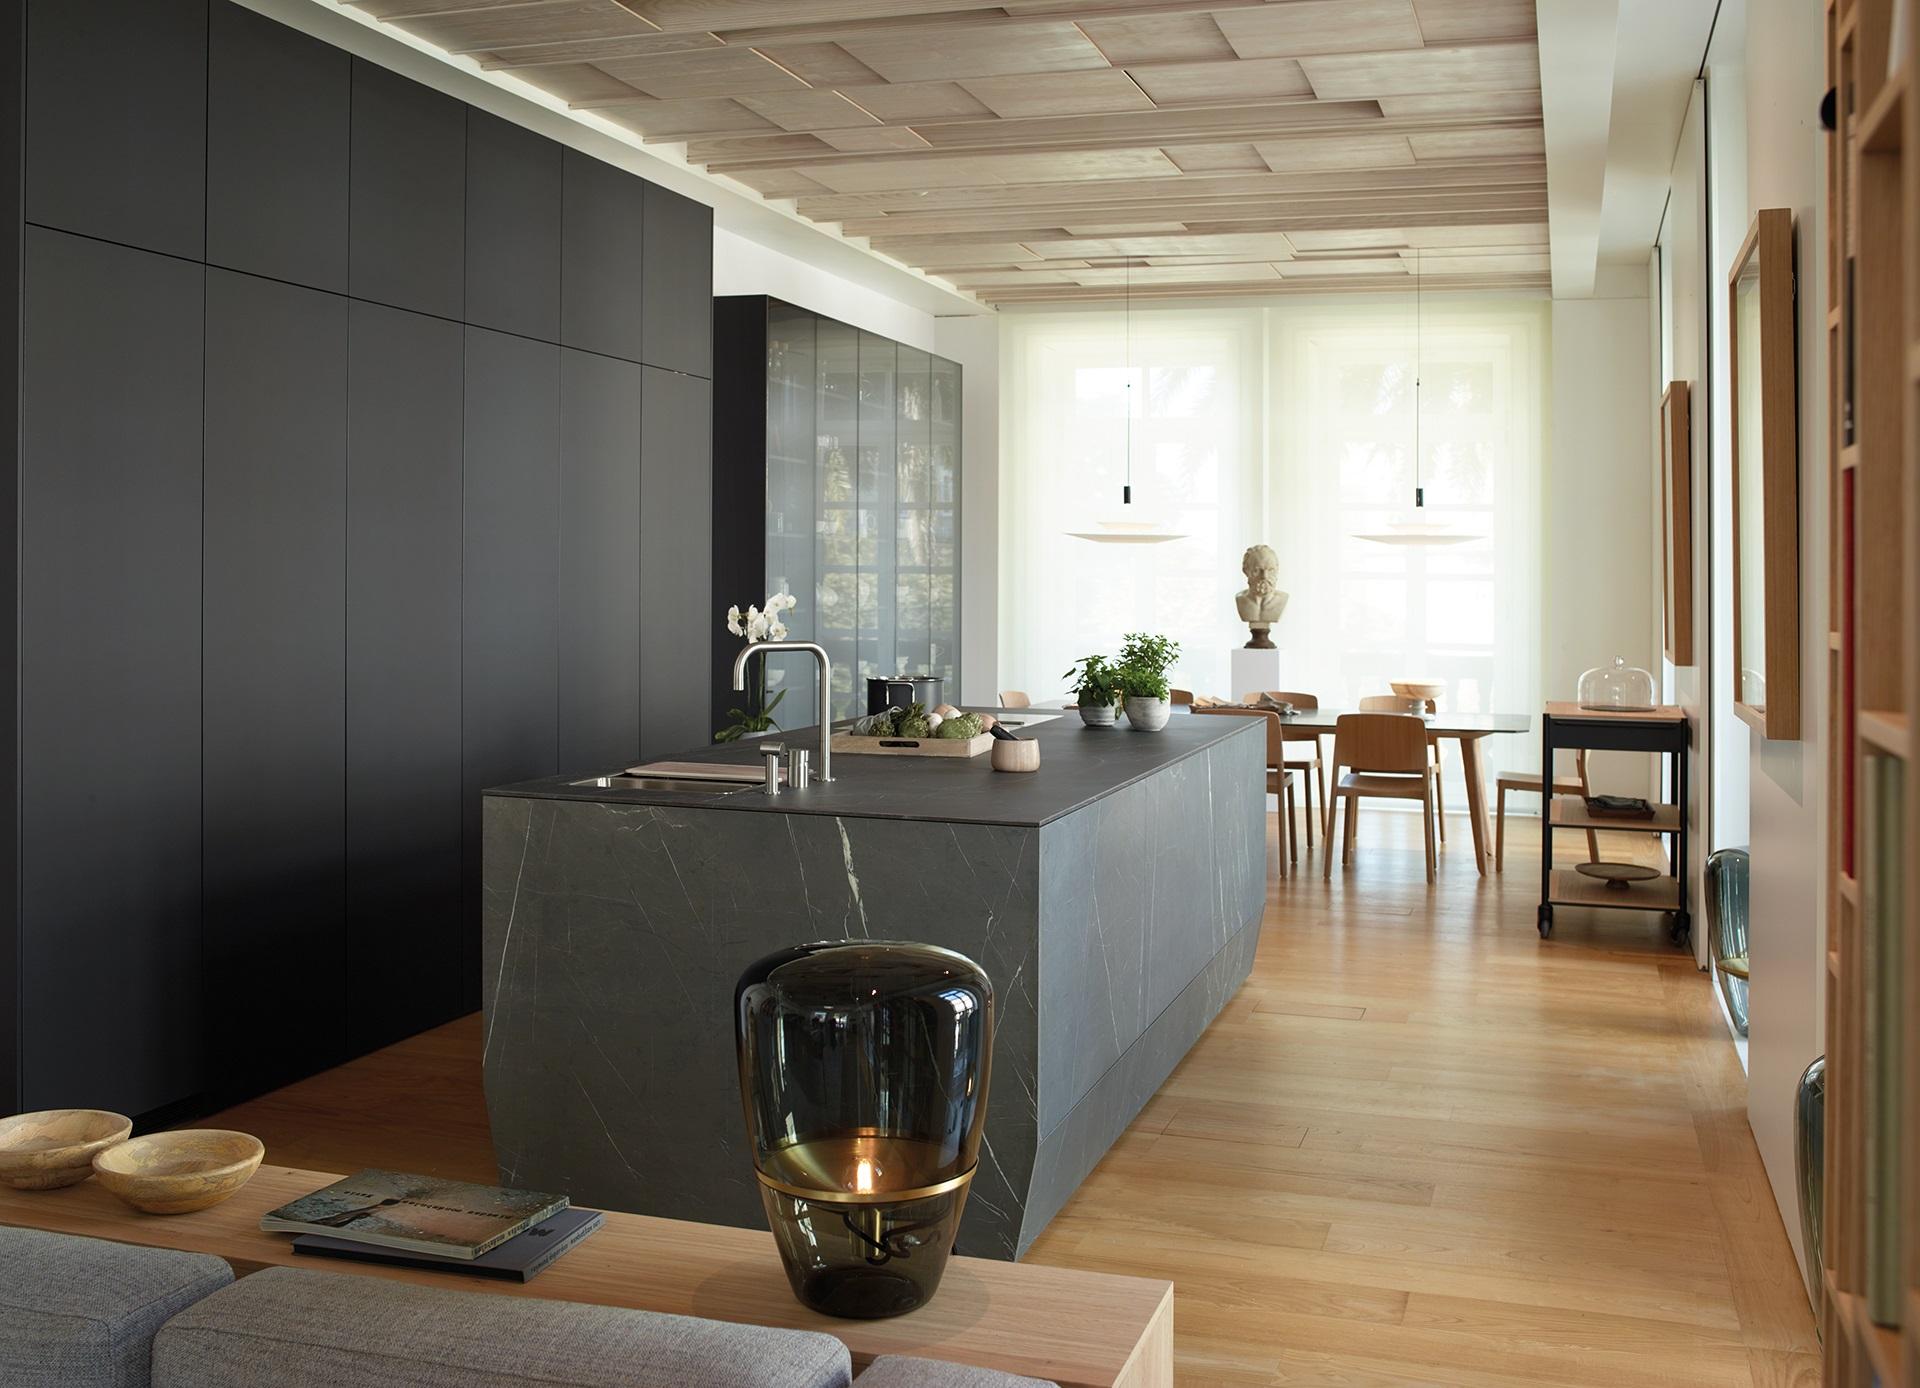 Mueble de cocina laminado Santiago Interiores